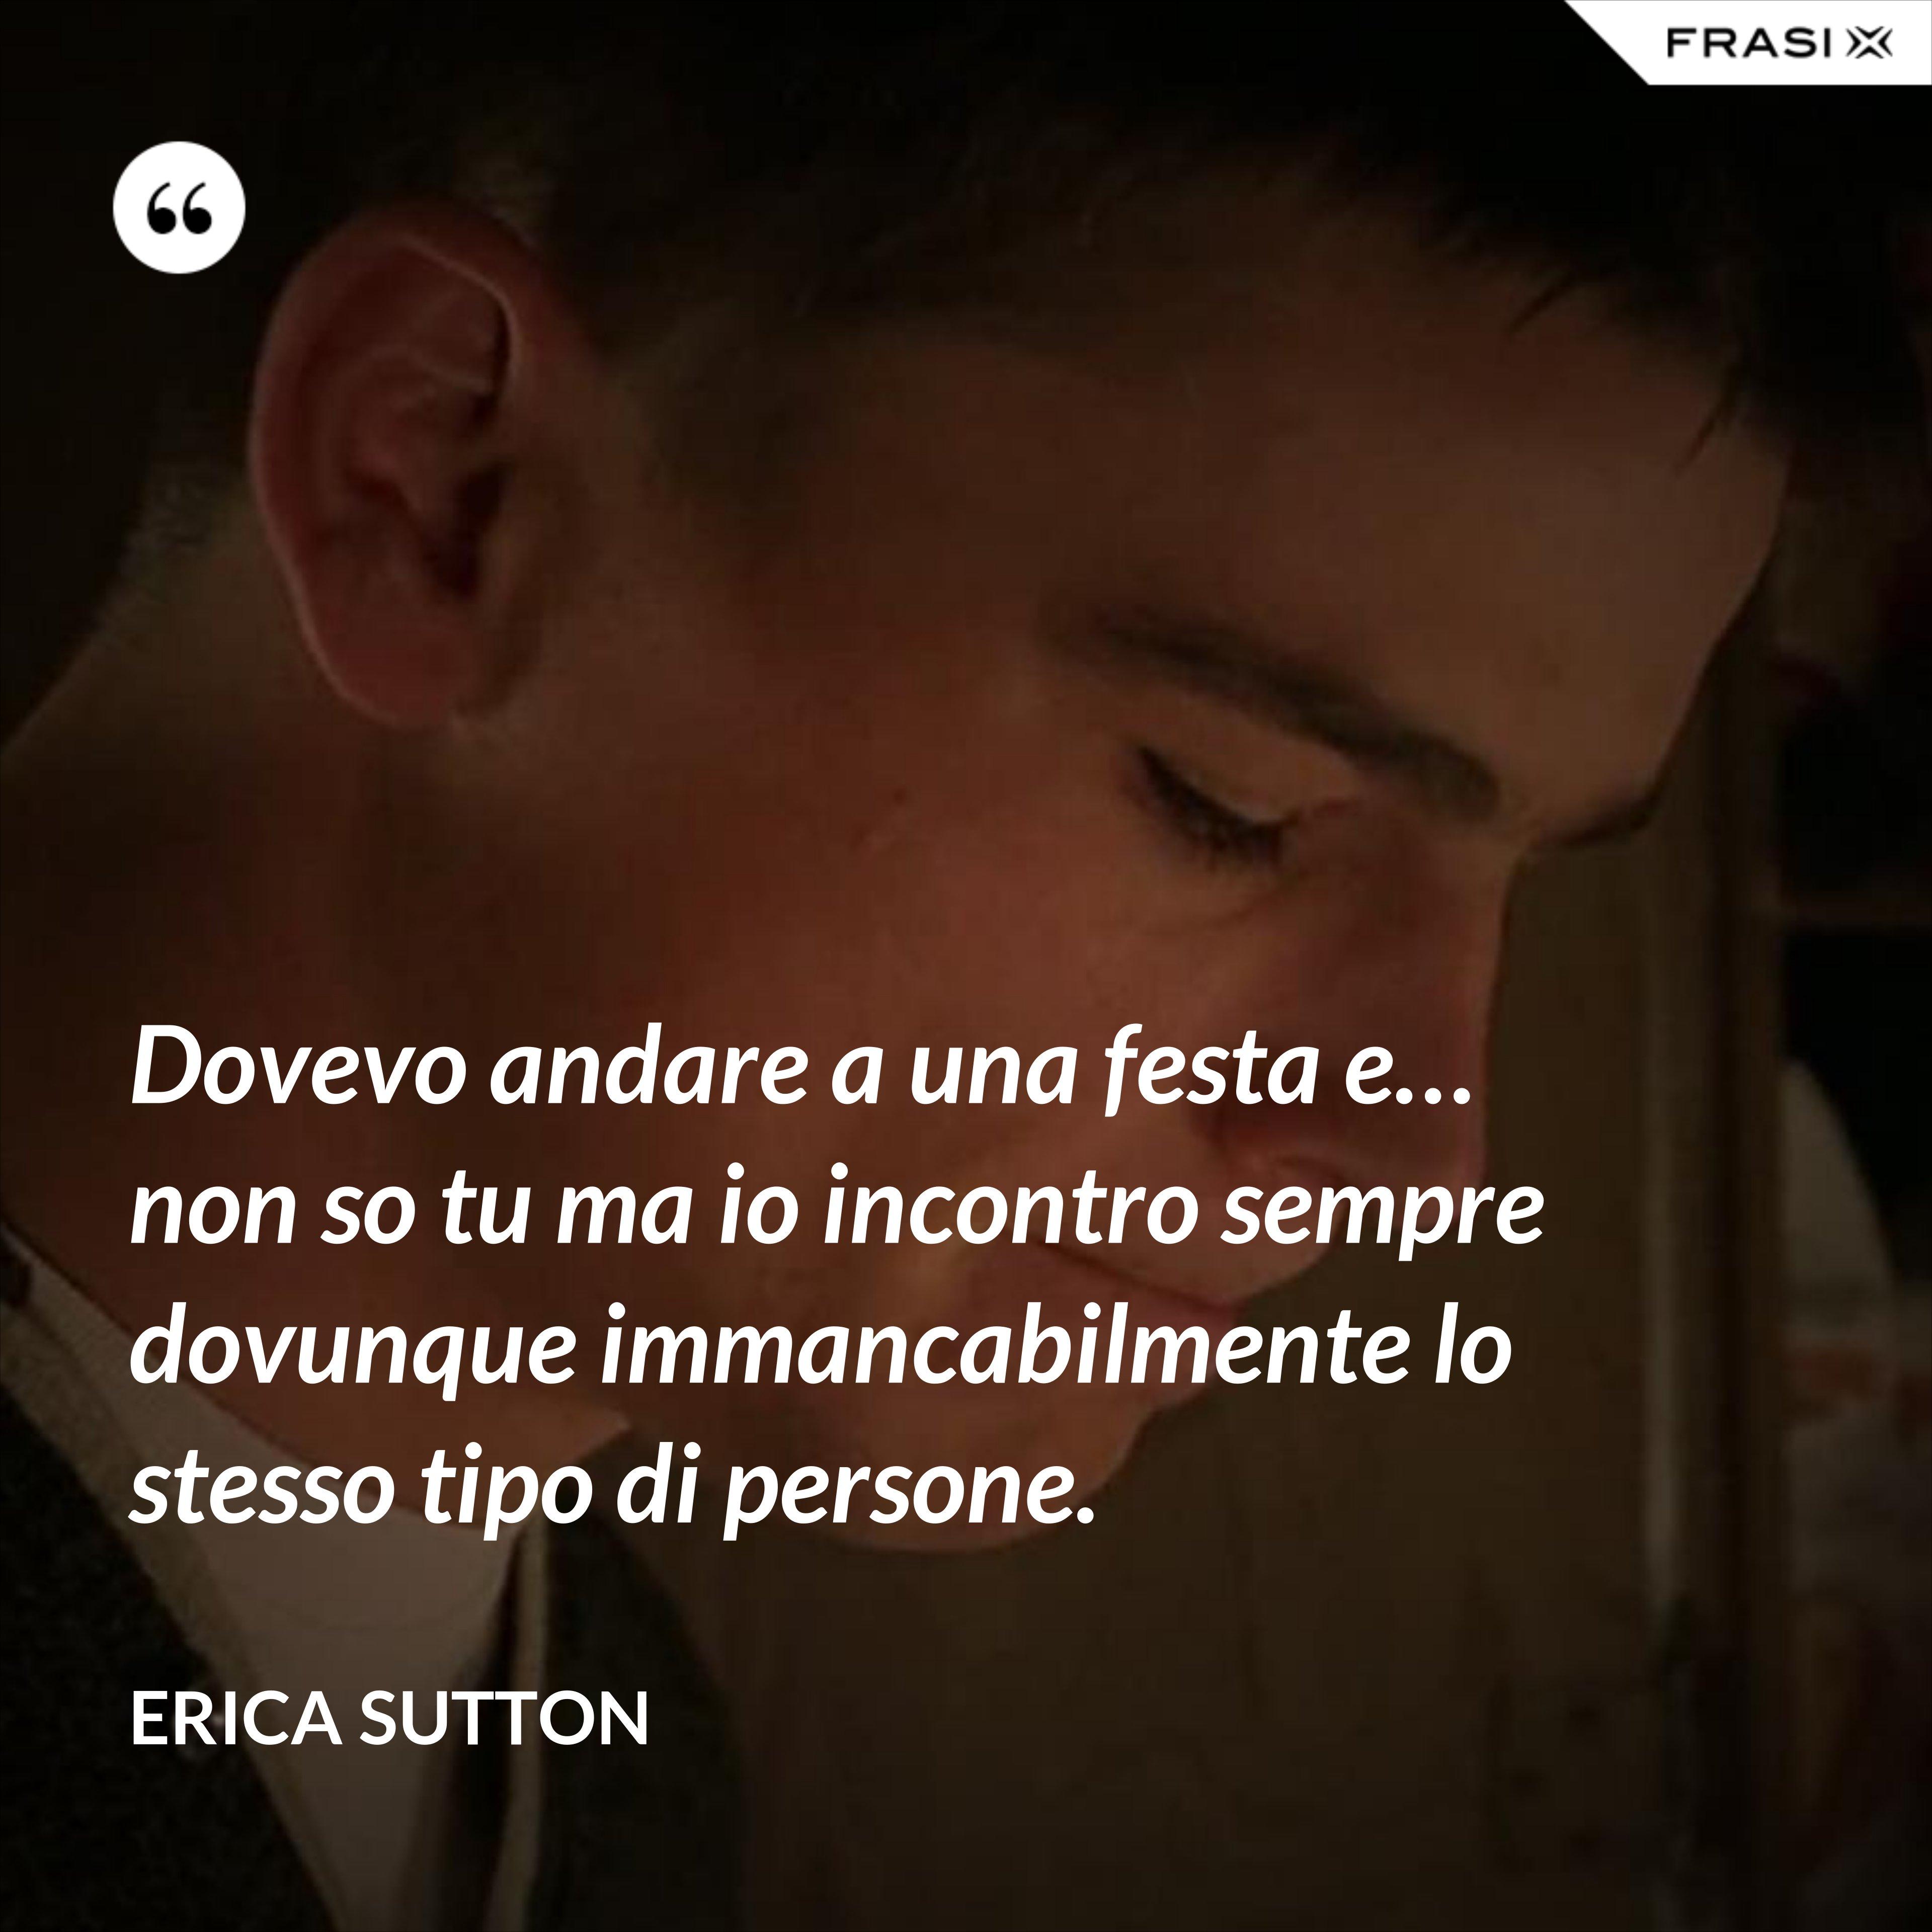 Dovevo andare a una festa e… non so tu ma io incontro sempre dovunque immancabilmente lo stesso tipo di persone. - Erica Sutton